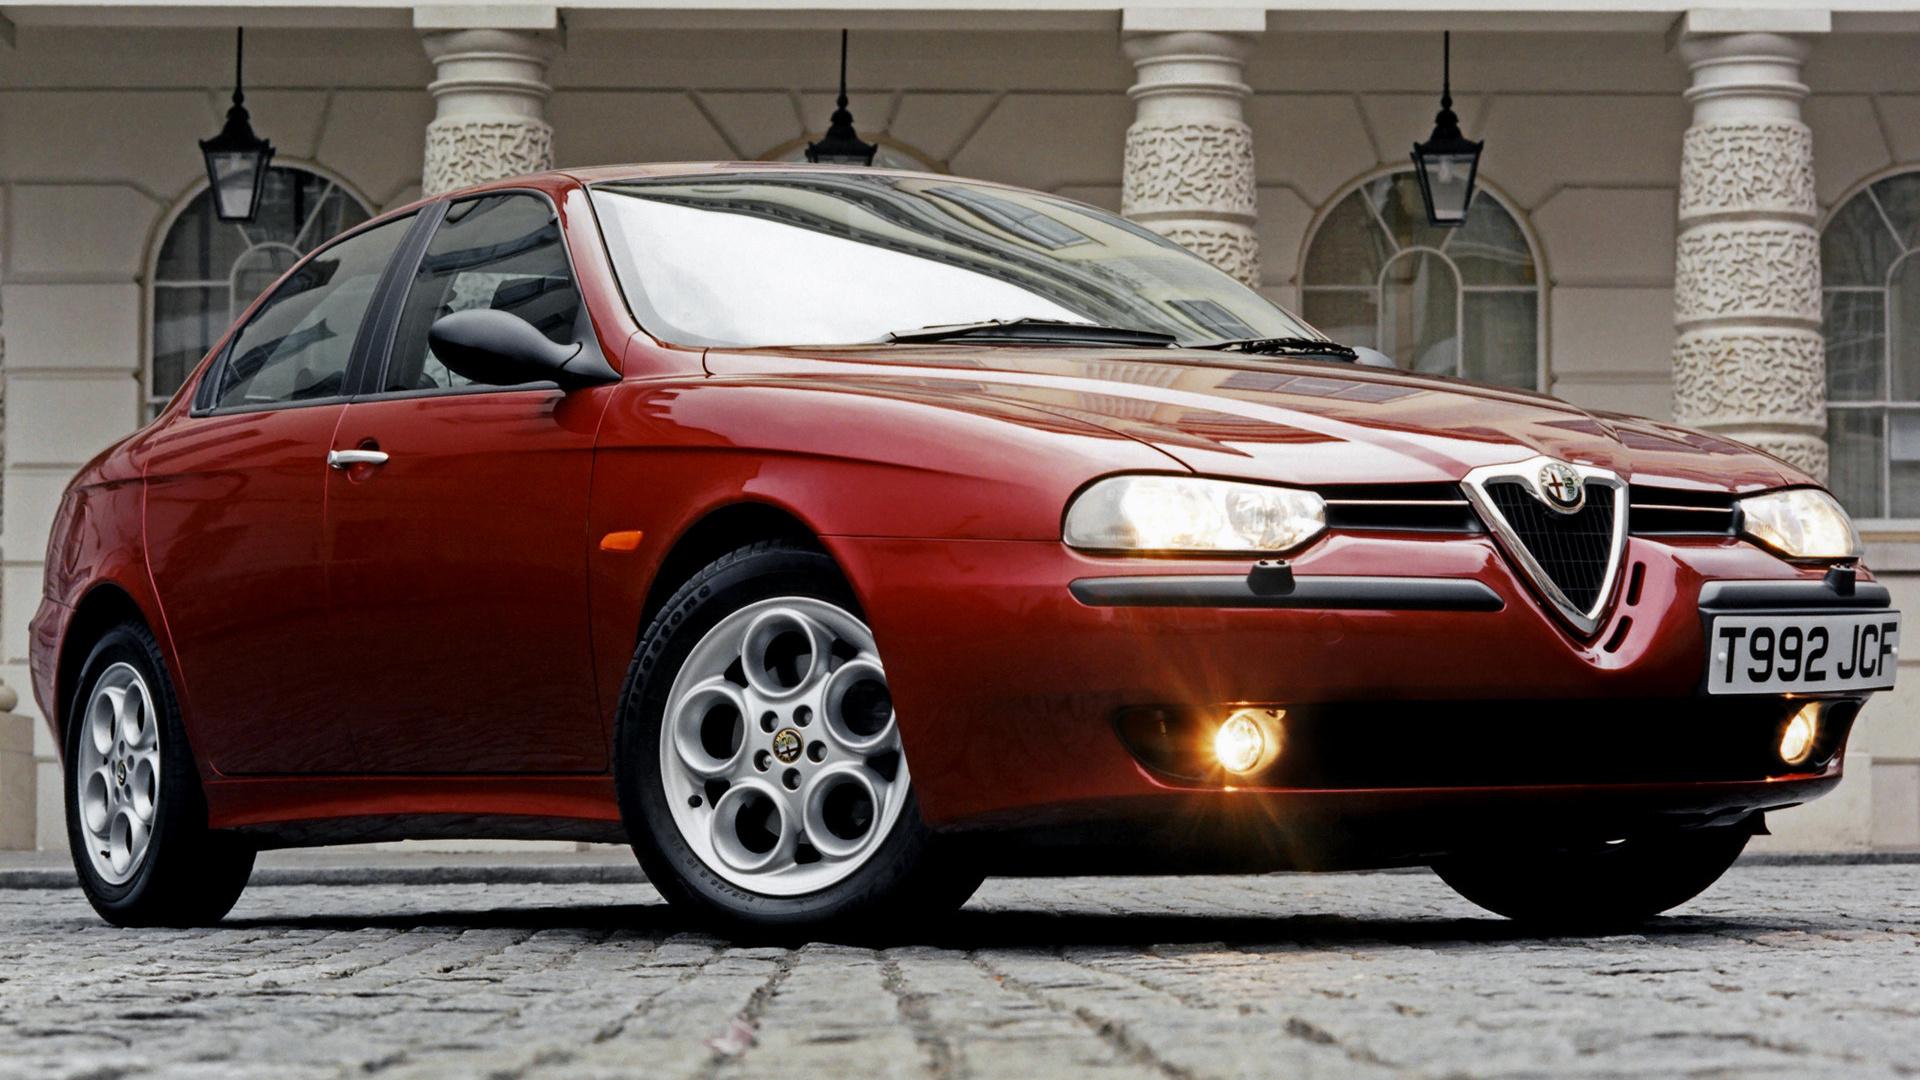 1997 Alfa Romeo 156 (UK) - Wallpapers and HD Images | Car ...